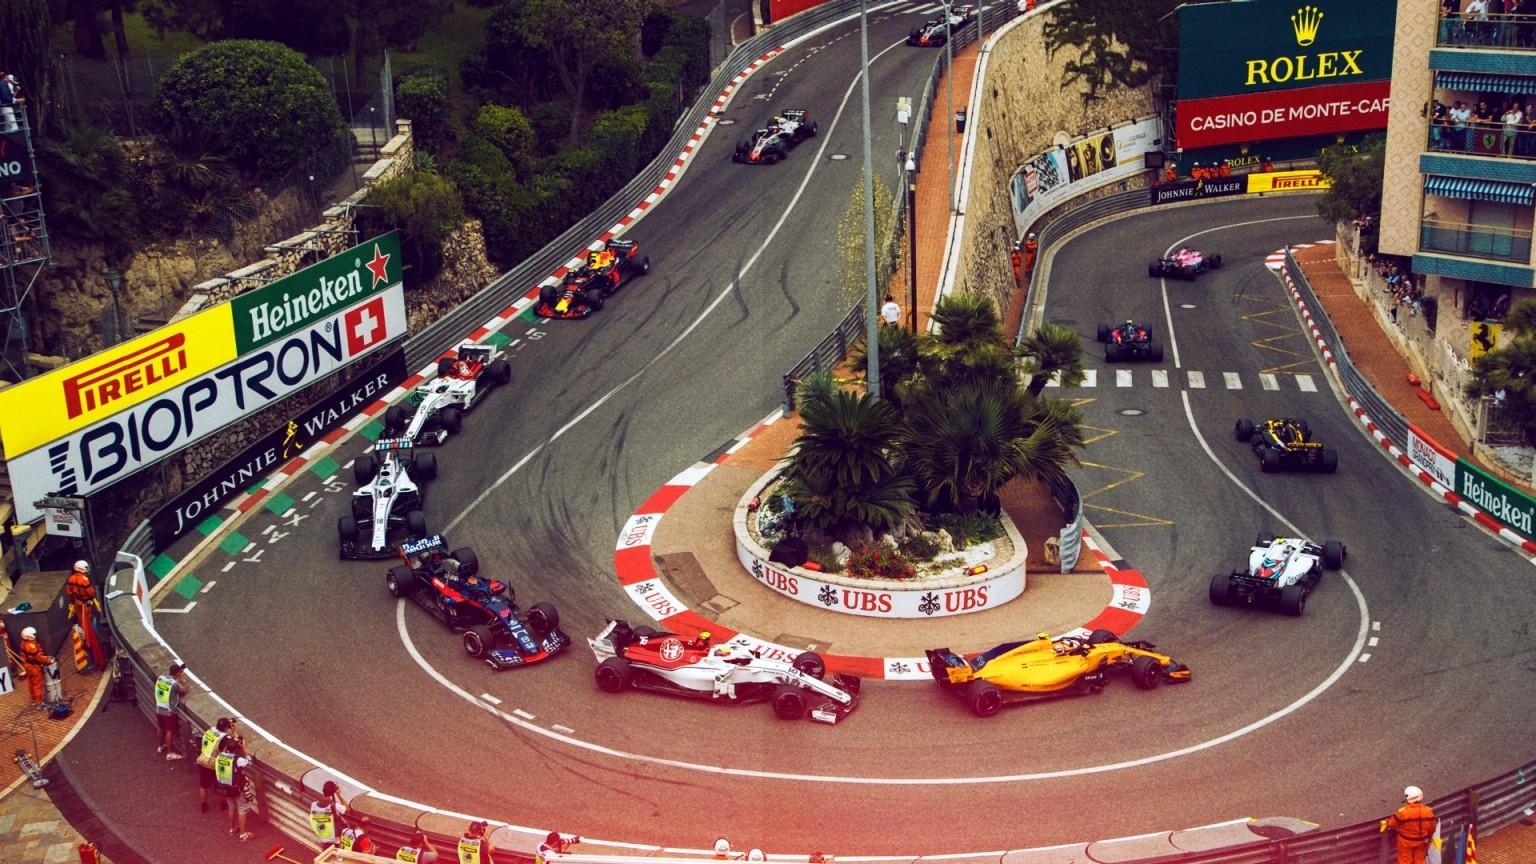 Формула-1 — большие деньги, высокие скорости, сумасшедший драйв